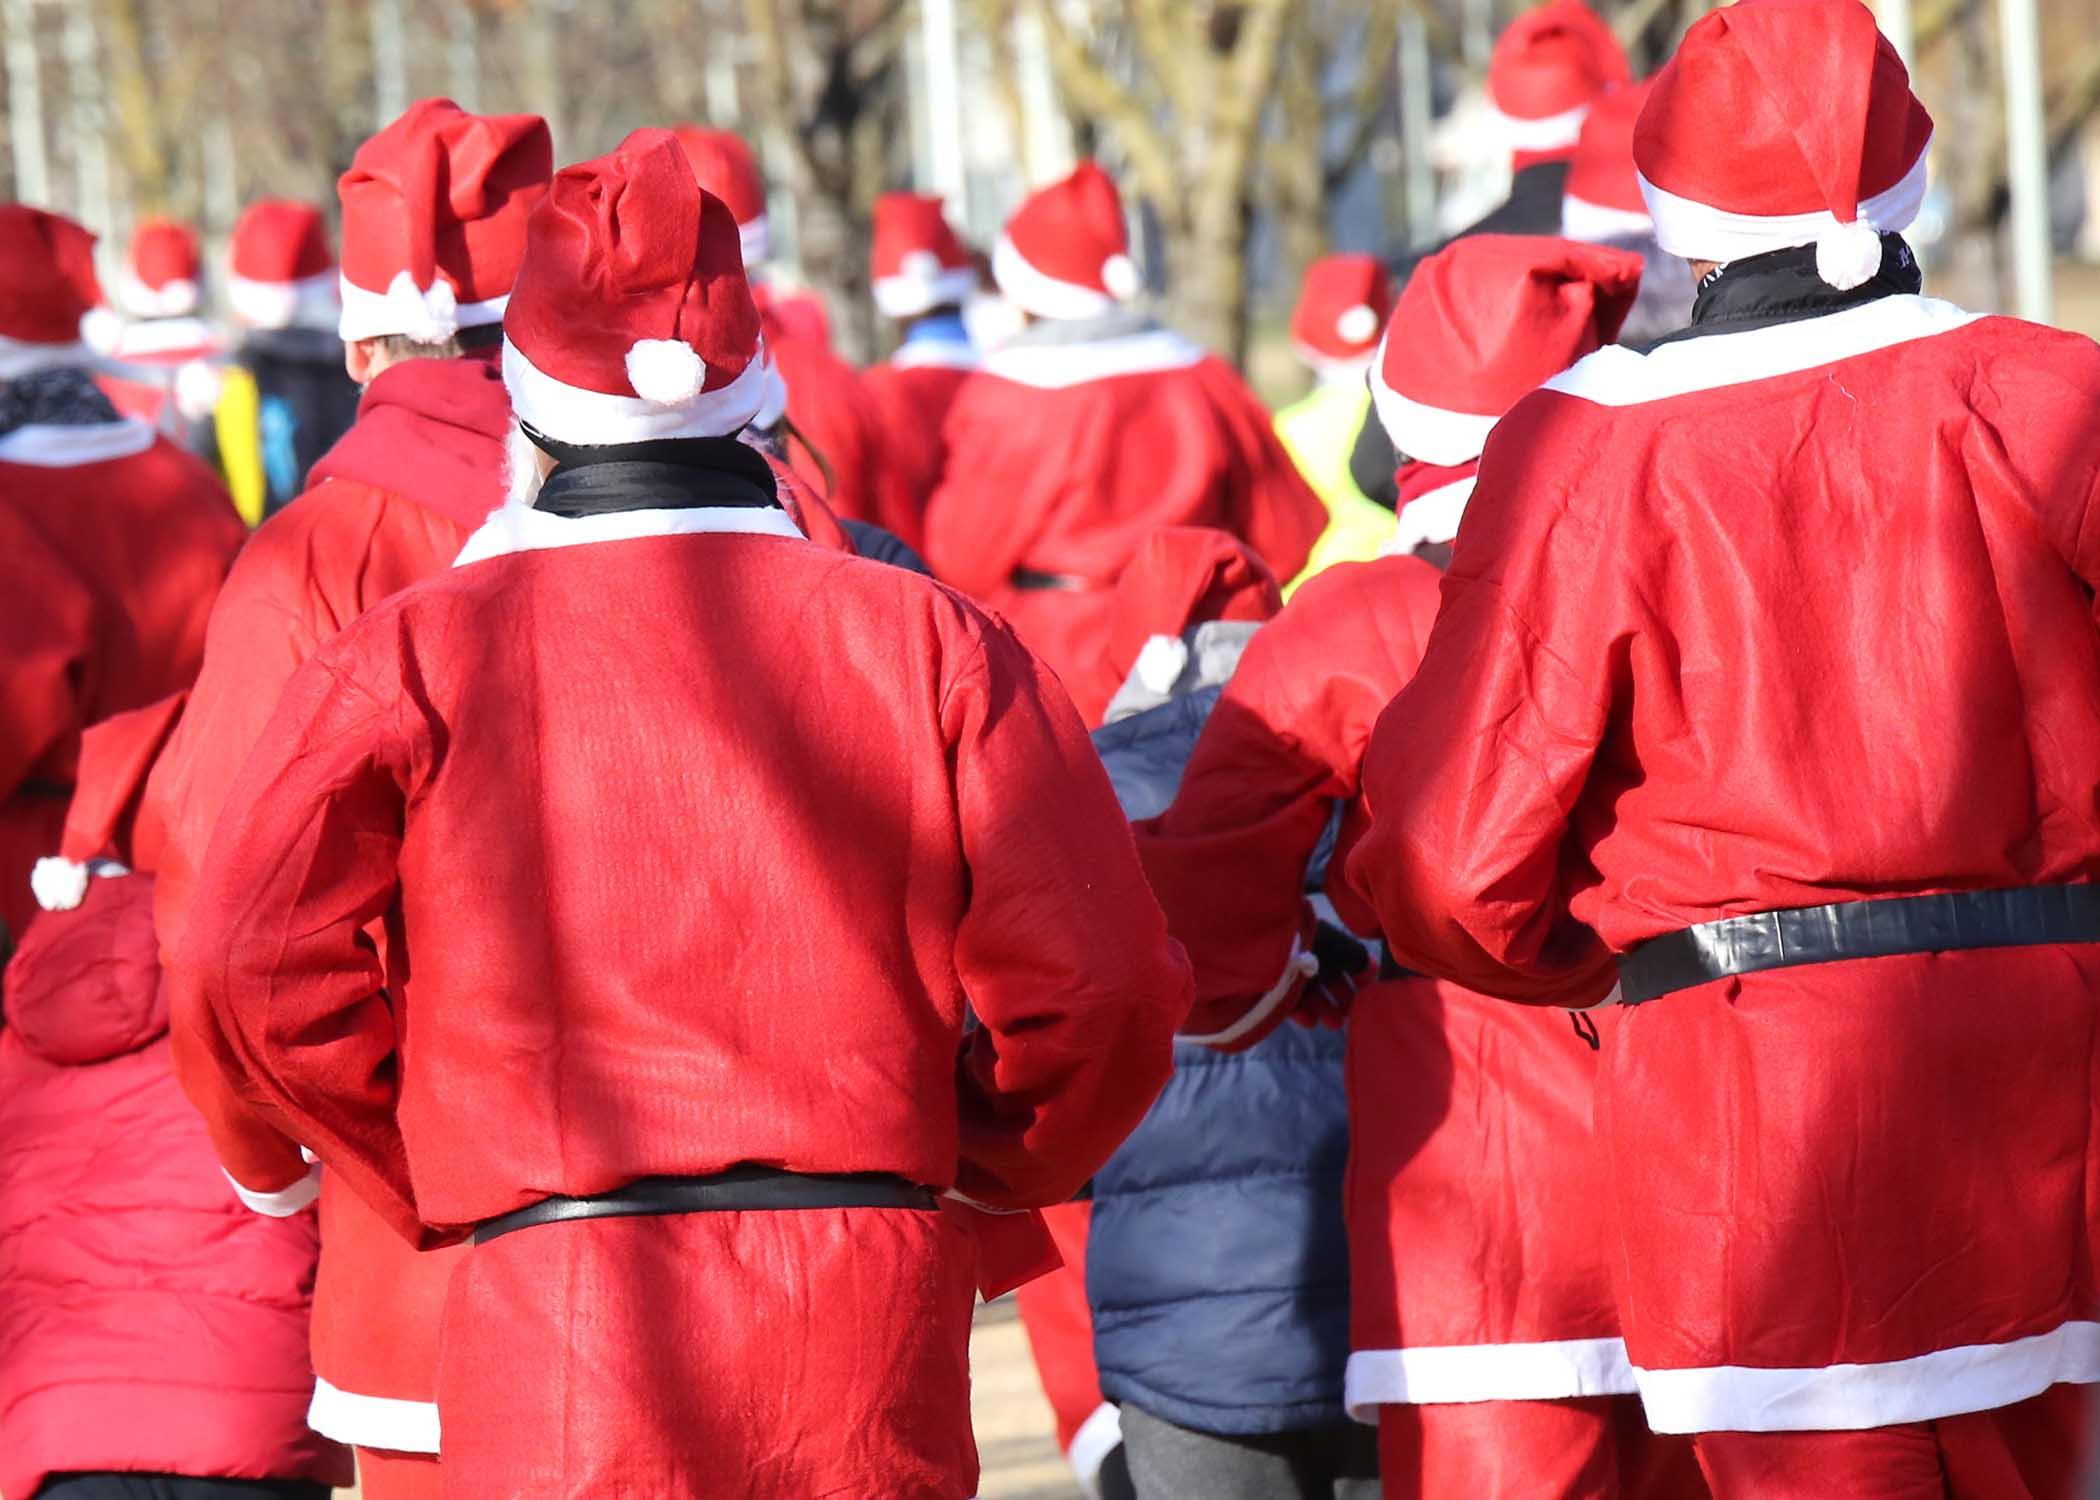 People dressed as Santa racing